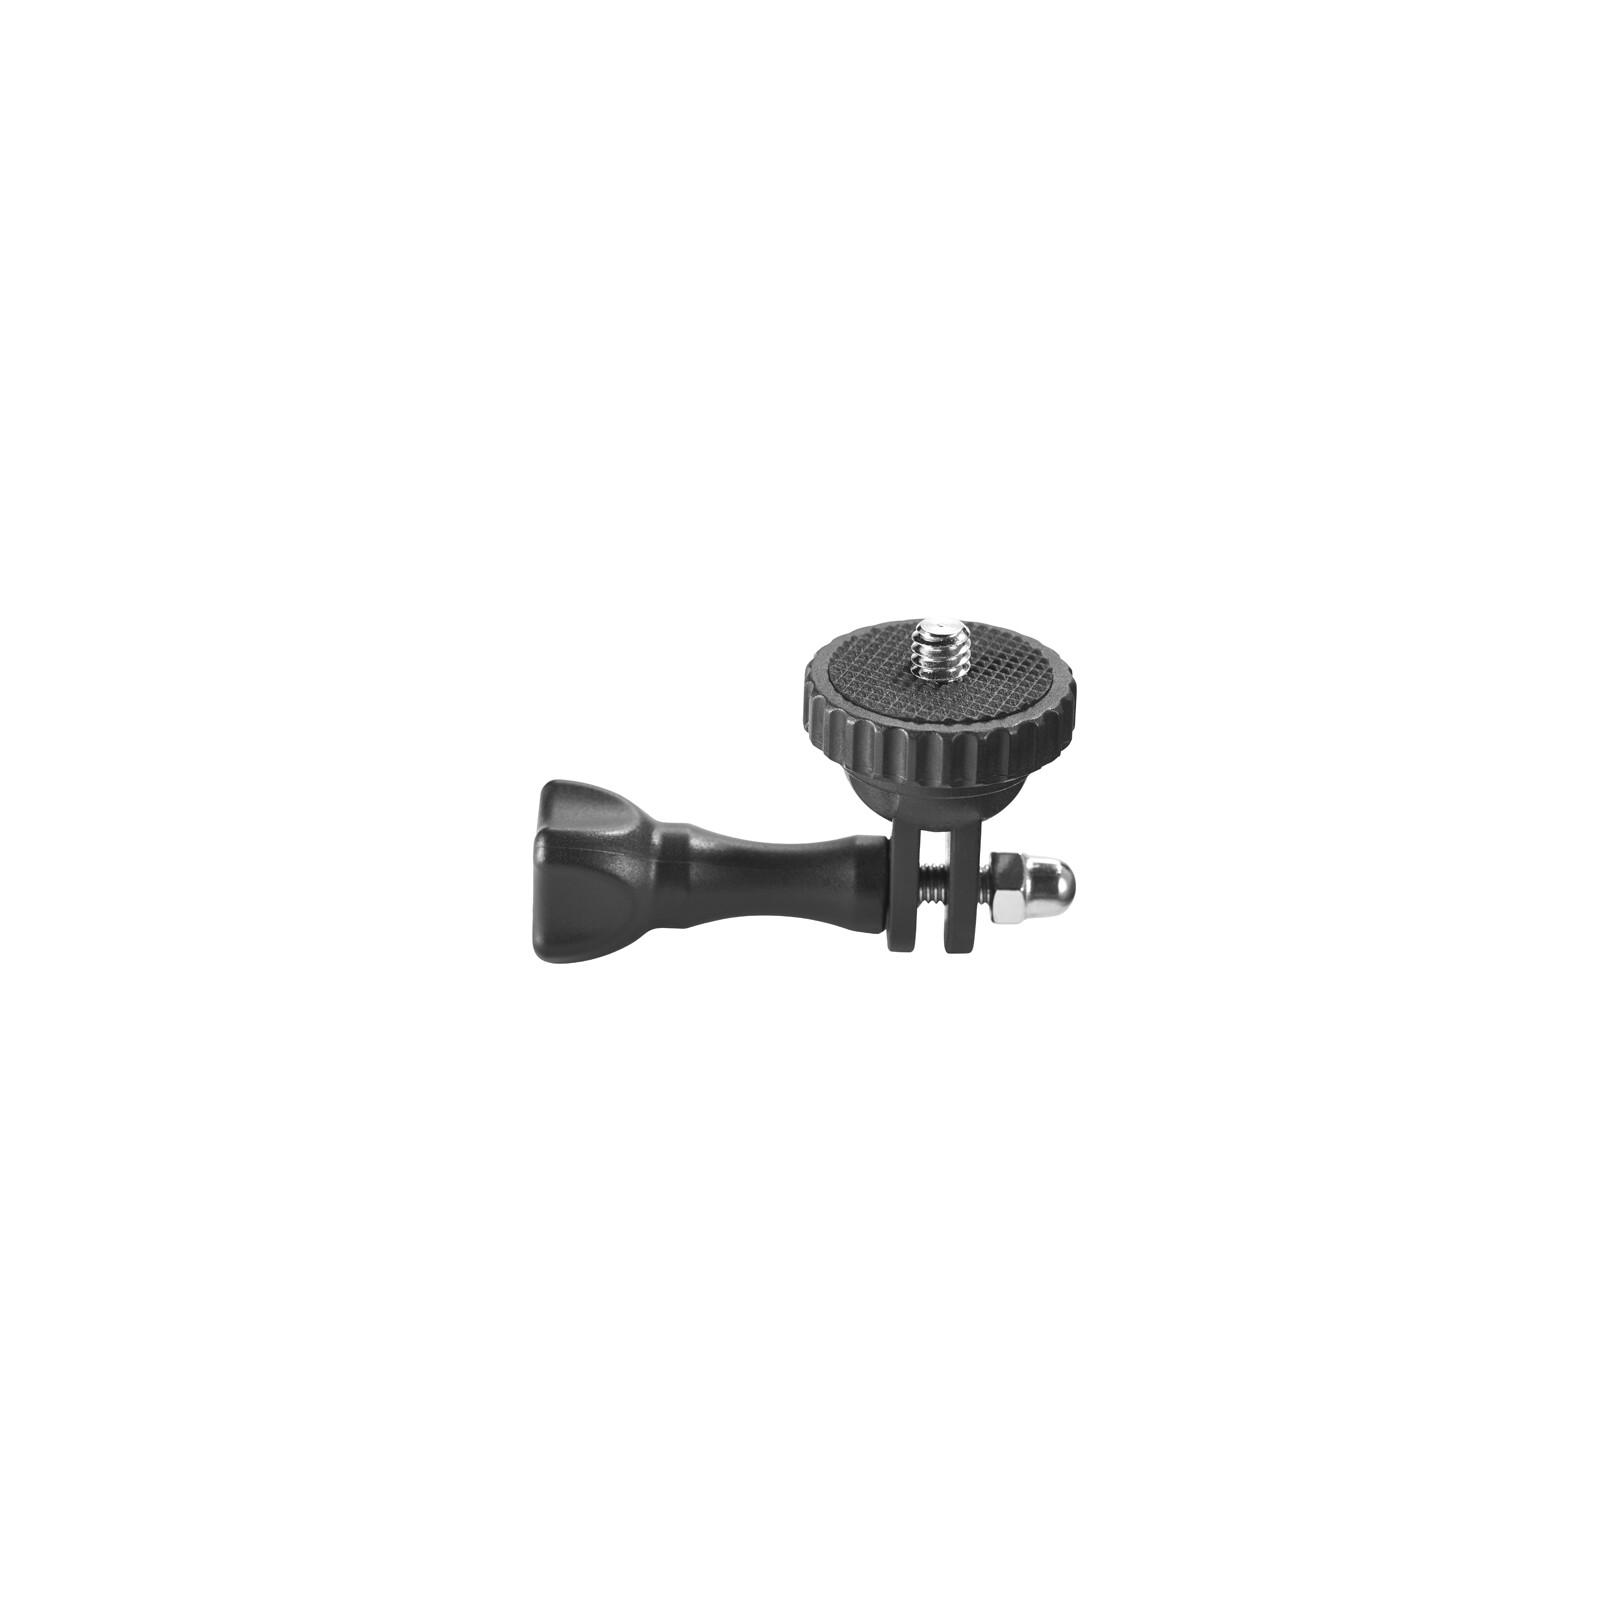 Cullmann Cross CX126 GoPro 1/4 Adapter